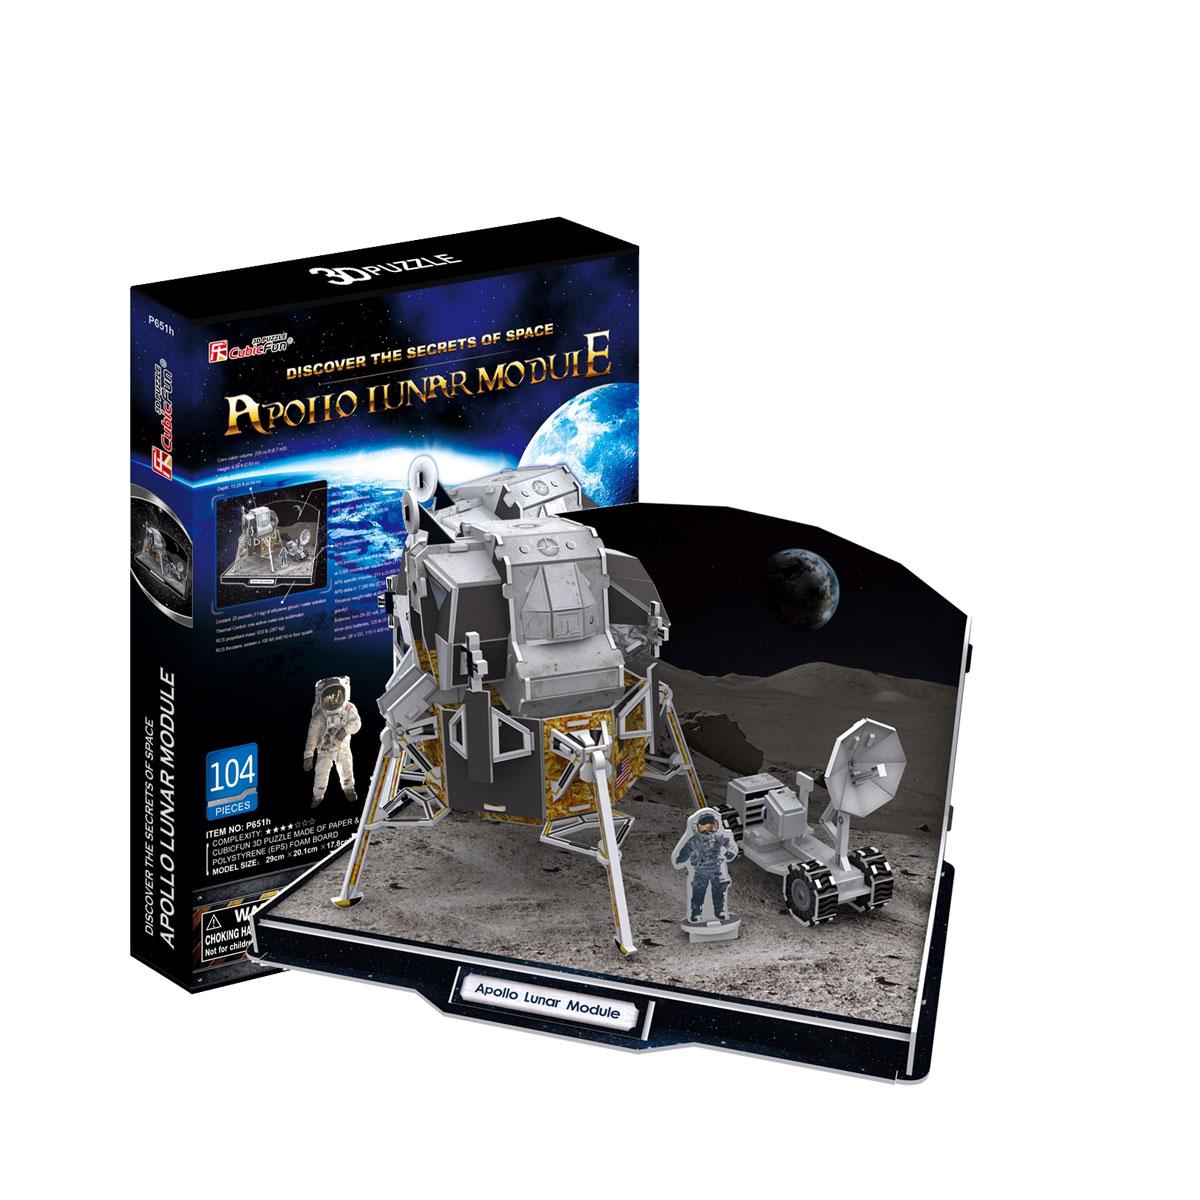 CubicFun Лунный модуль корабля Аполлон, 104 элементаP651hКонструктор-макет CubicFun Лунный модуль корабля Аполлон - увлекательнейший способ времяпрепровождения и уникальная возможность получить объемную модель лунного модуля корабля Апполон. В комплект входят 104 элемента для сборки и схематичная инструкция по сборке. Все детали красочны и достаточно большие для того, чтобы даже маленькому ребенку было удобно и комфортно его собирать. Макет собирается без использования клея и ножниц. CubicFun - один из лидеров в производстве игрушек и сувенирной продукции на рынках США, Англии, Европы и Азии. Преимущества CubicFun: 1. Высочайшее качество продукции. 2. Постоянно расширяющийся/обновляющийся ассортимент. 3. Четкая адресация наборов определенному возрасту. 4. Конкурентные цены. Ребенок самостоятельно превращает лист ламинированного пенокартона в любимые игрушки и целые города: роскошные коттеджи, новомодные джипы, вертолеты, памятники архитектуры. Соединения деталей просчитаны и...